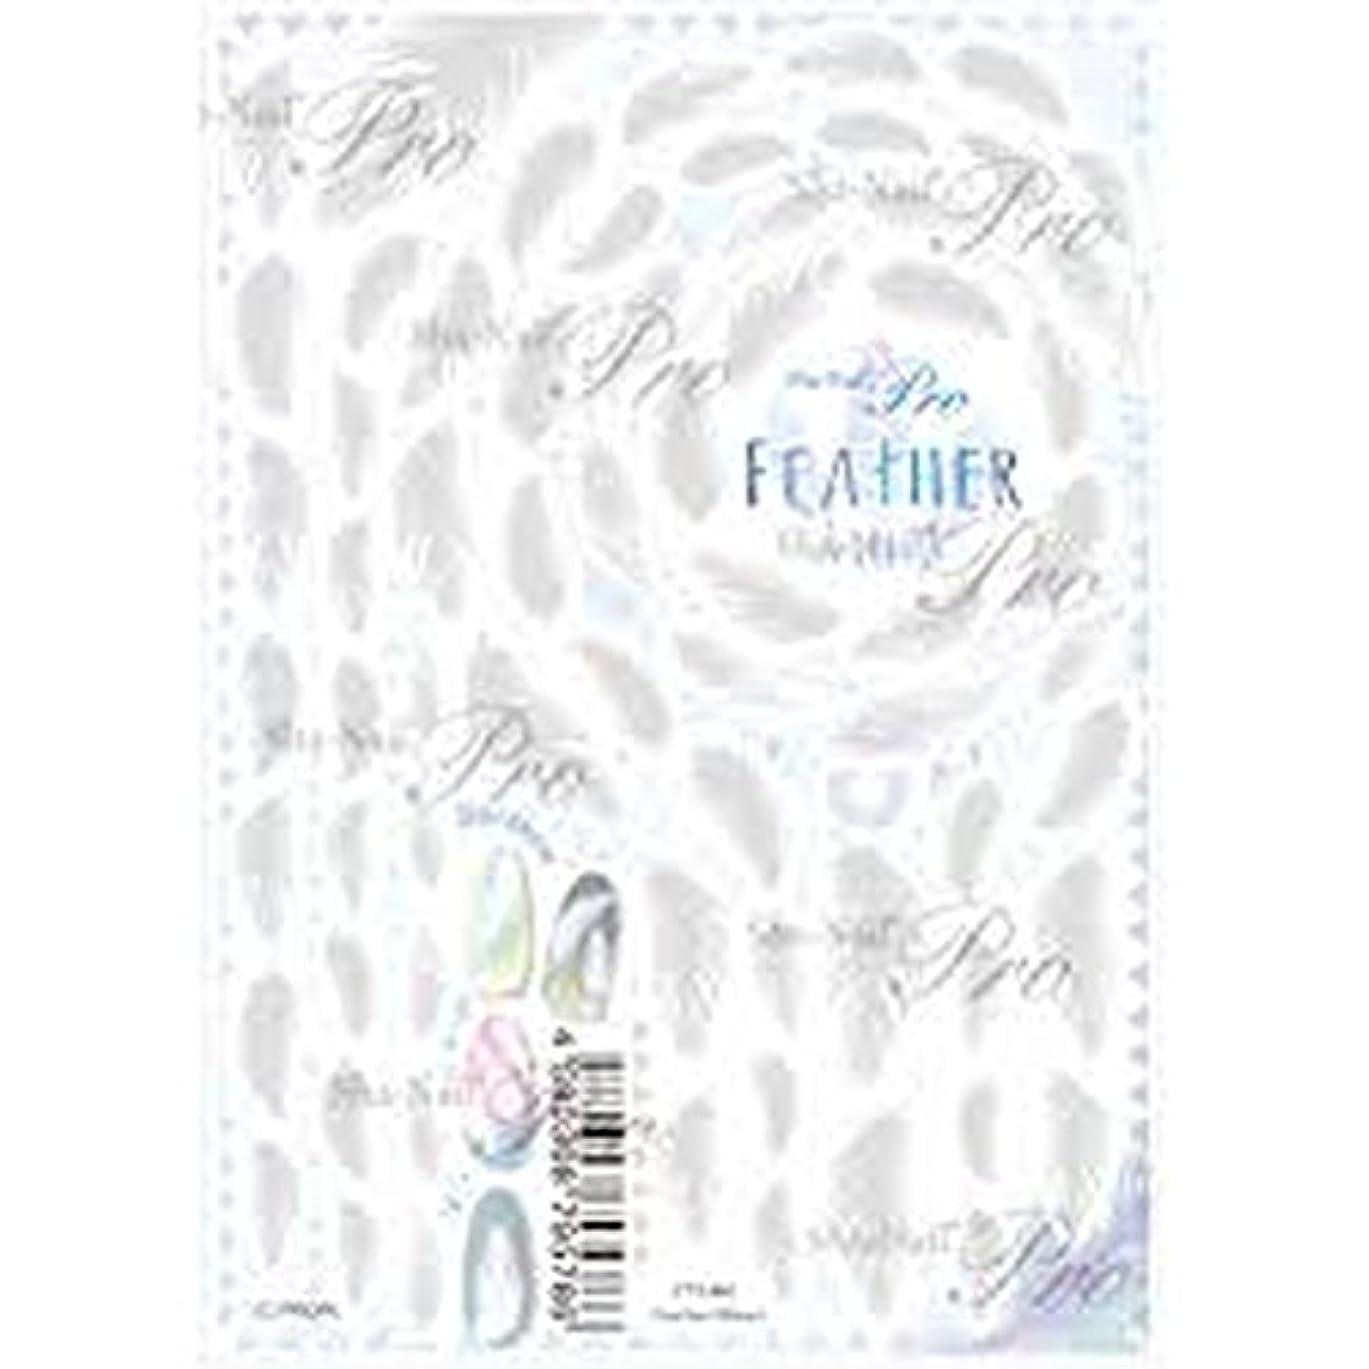 護衛演劇アフリカ人Feather(Blanc)